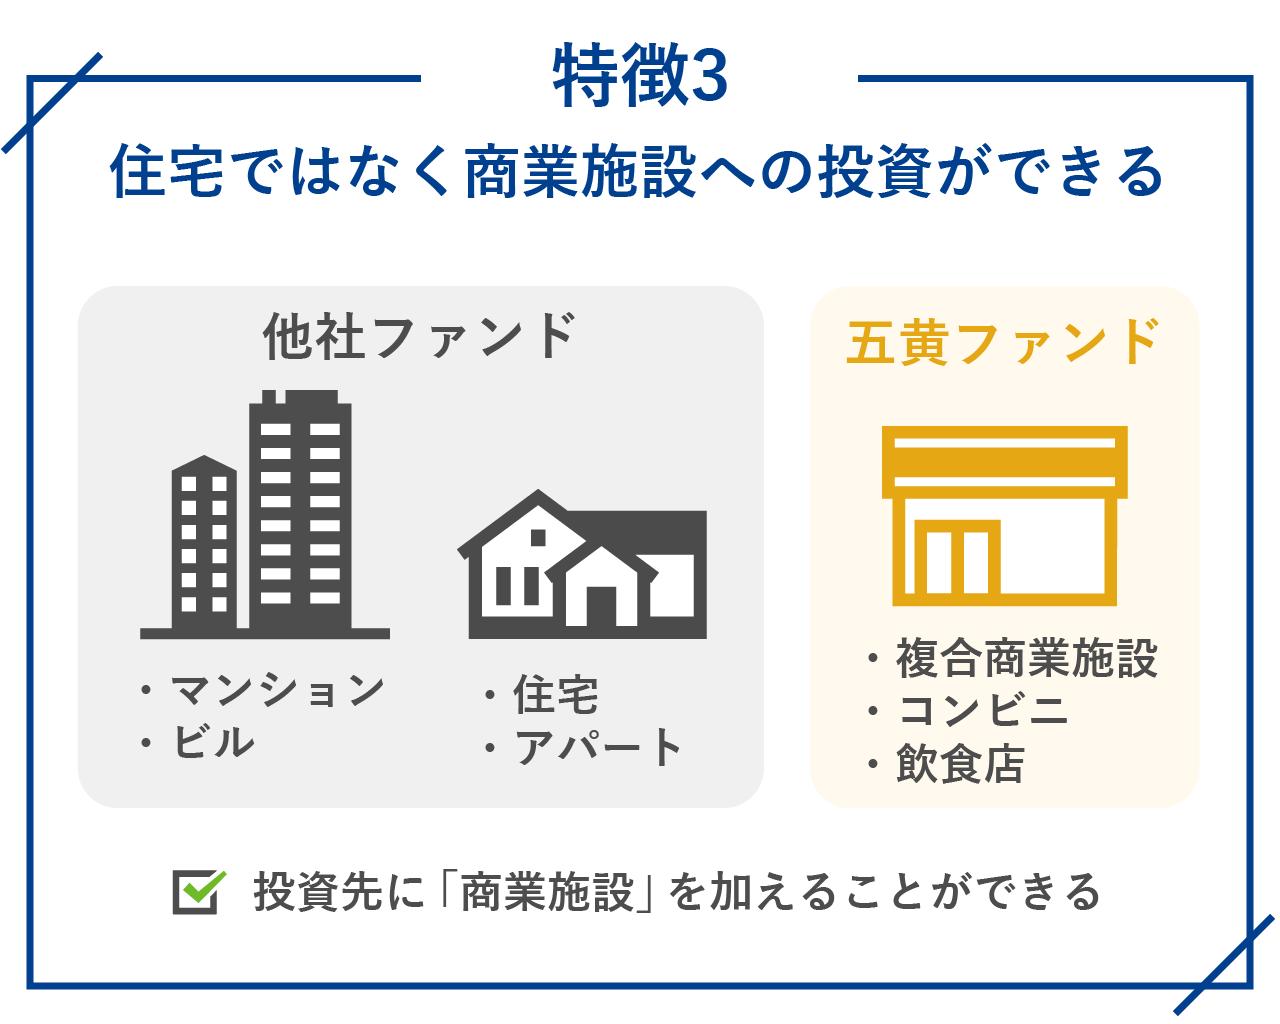 住宅ではなく商業施設への投資ができる